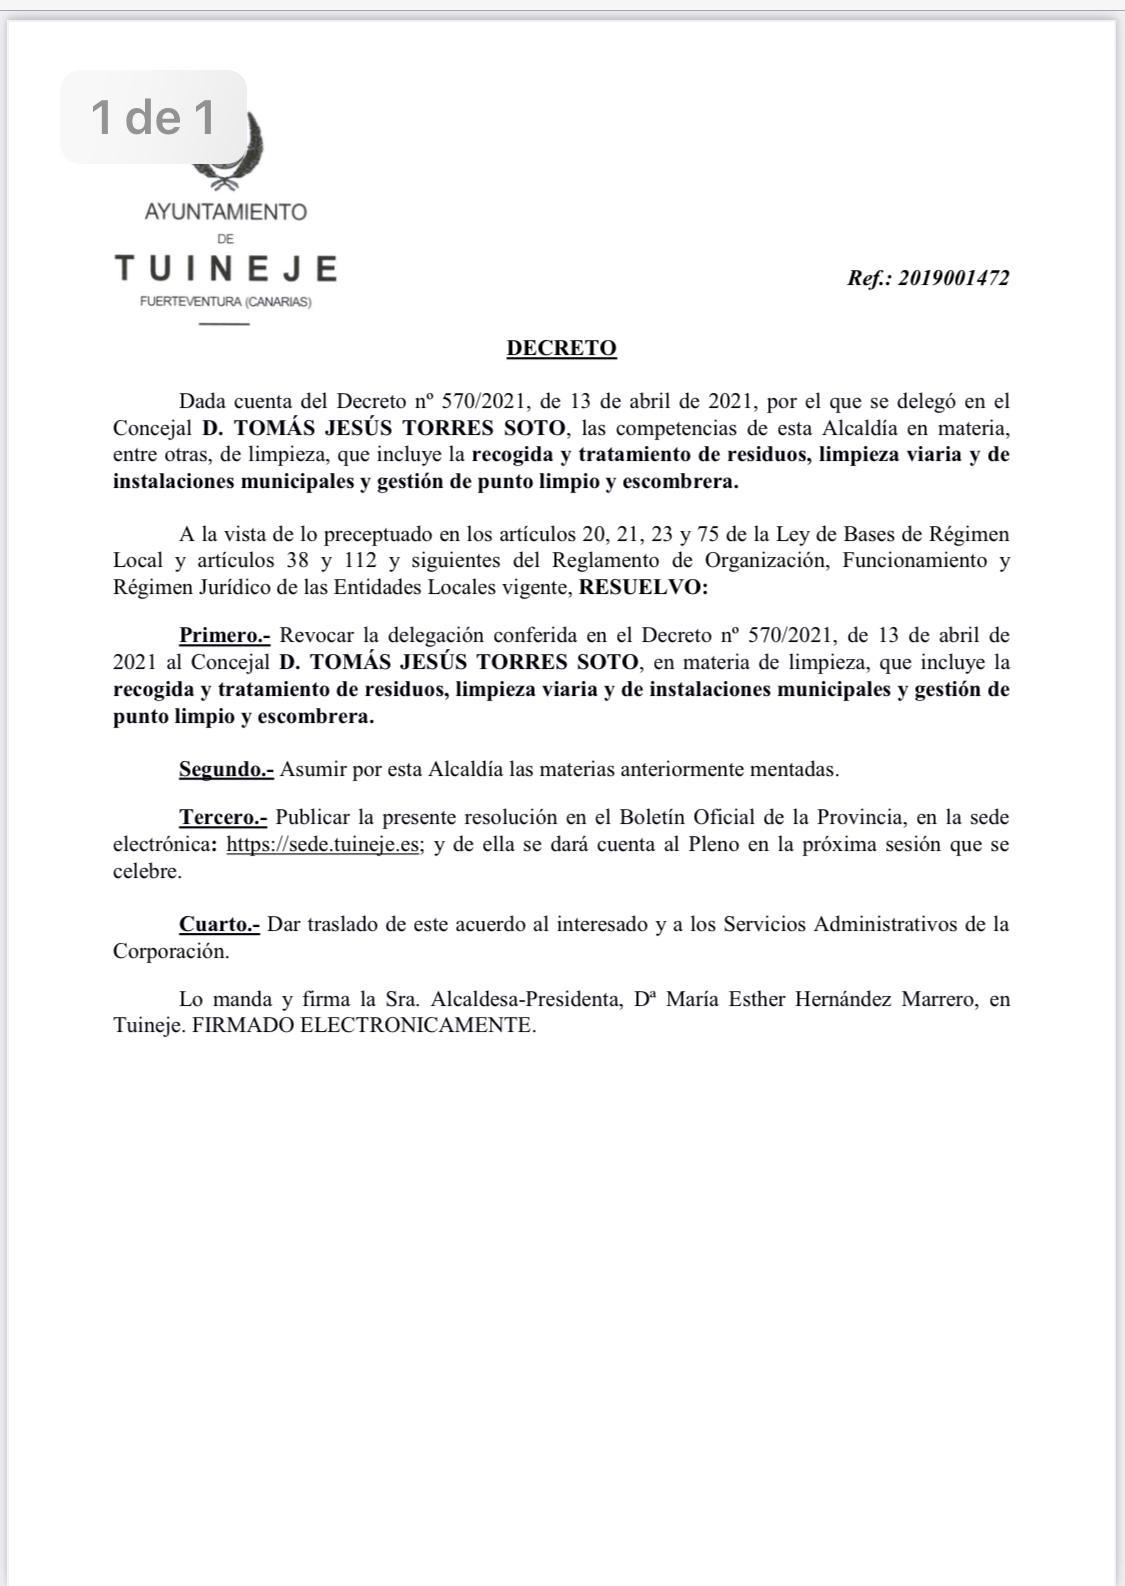 WhatsApp-Image-2021-07-02-at-18.39.53 Esther Hernández retira las competencias de Servicios y Limpieza a Tomás Torres